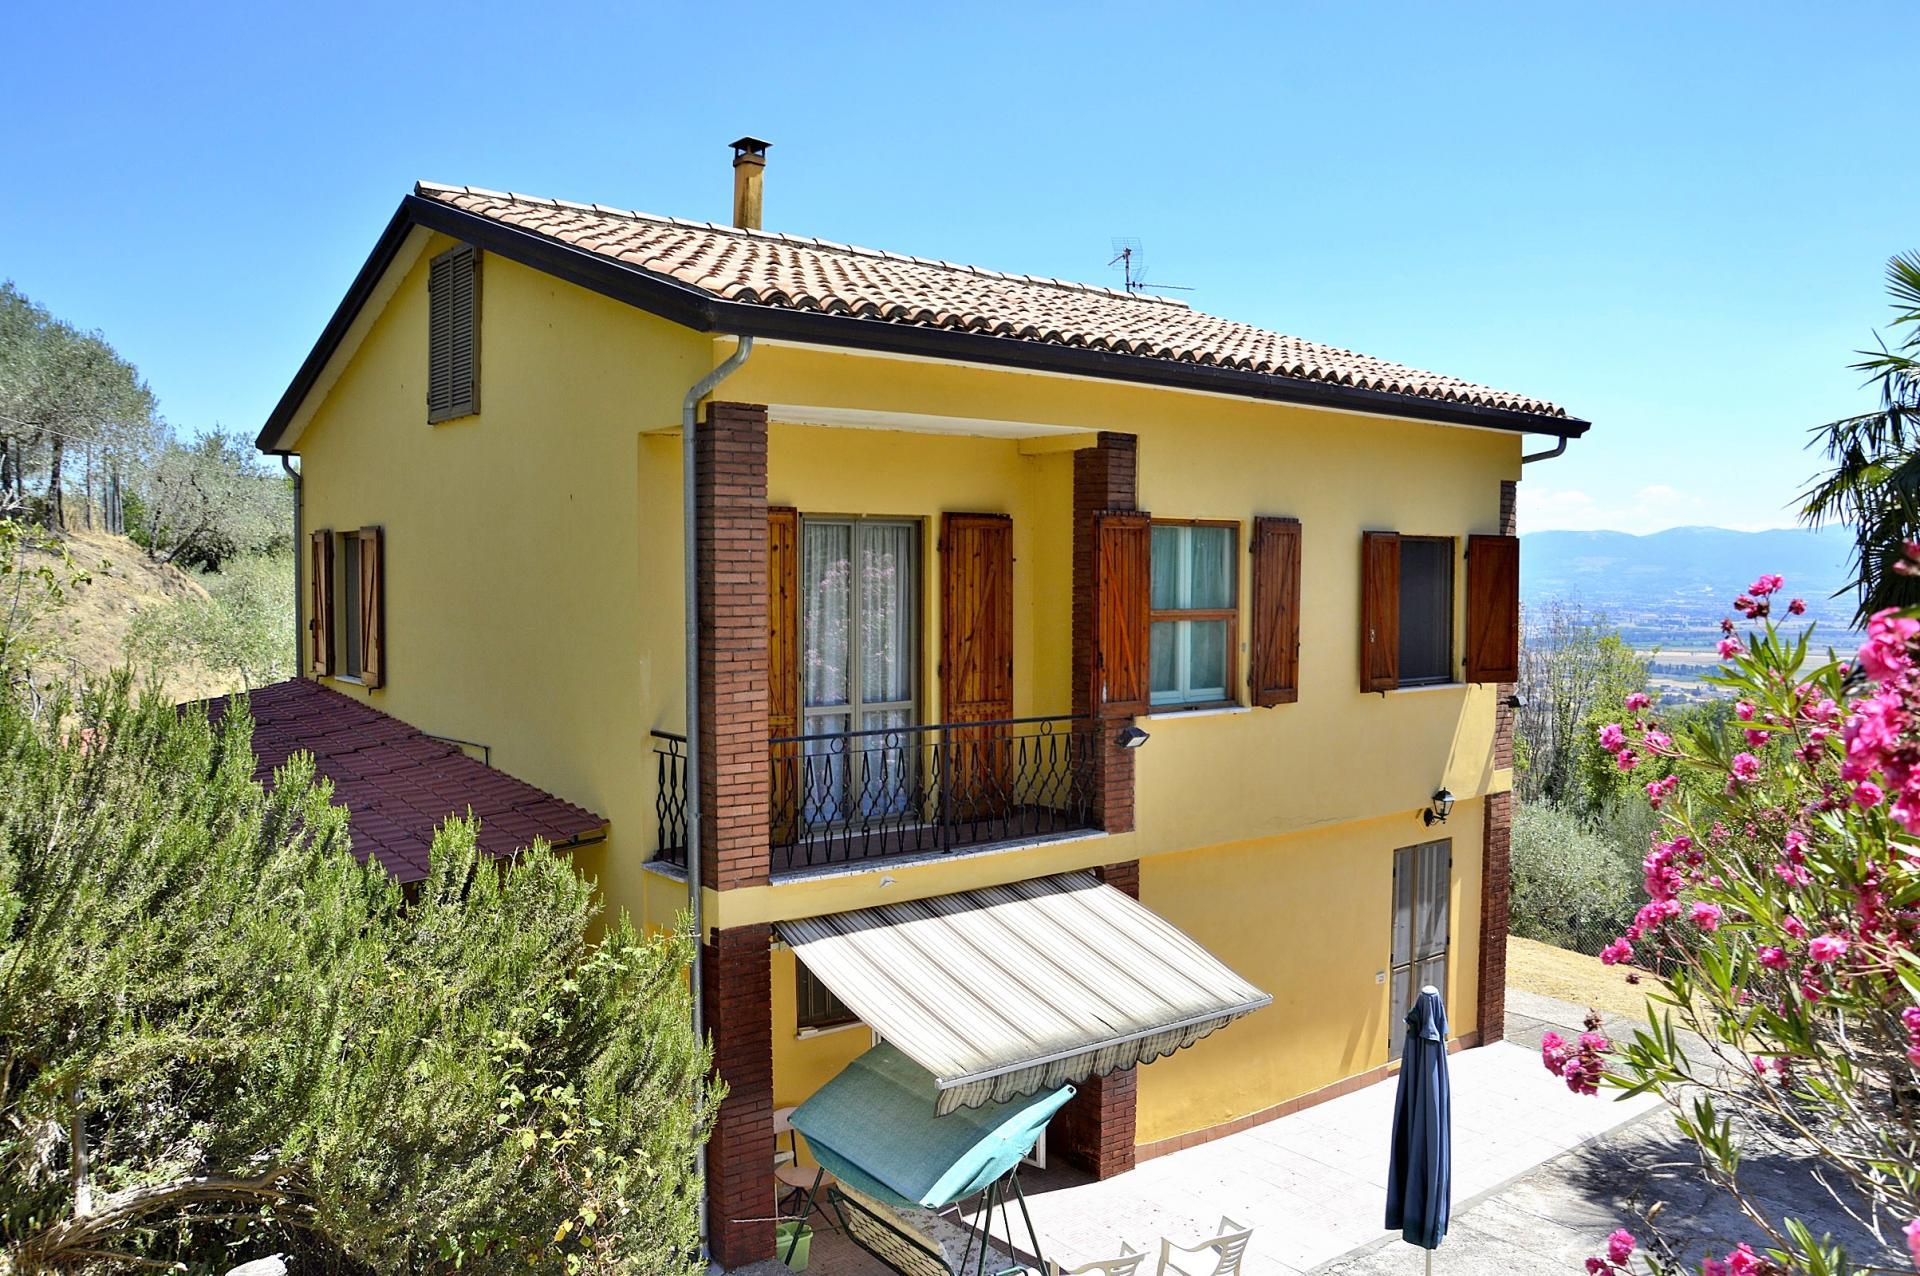 Villa in vendita a Cannara, 6 locali, zona Zona: Collemancio, prezzo € 195.000 | CambioCasa.it